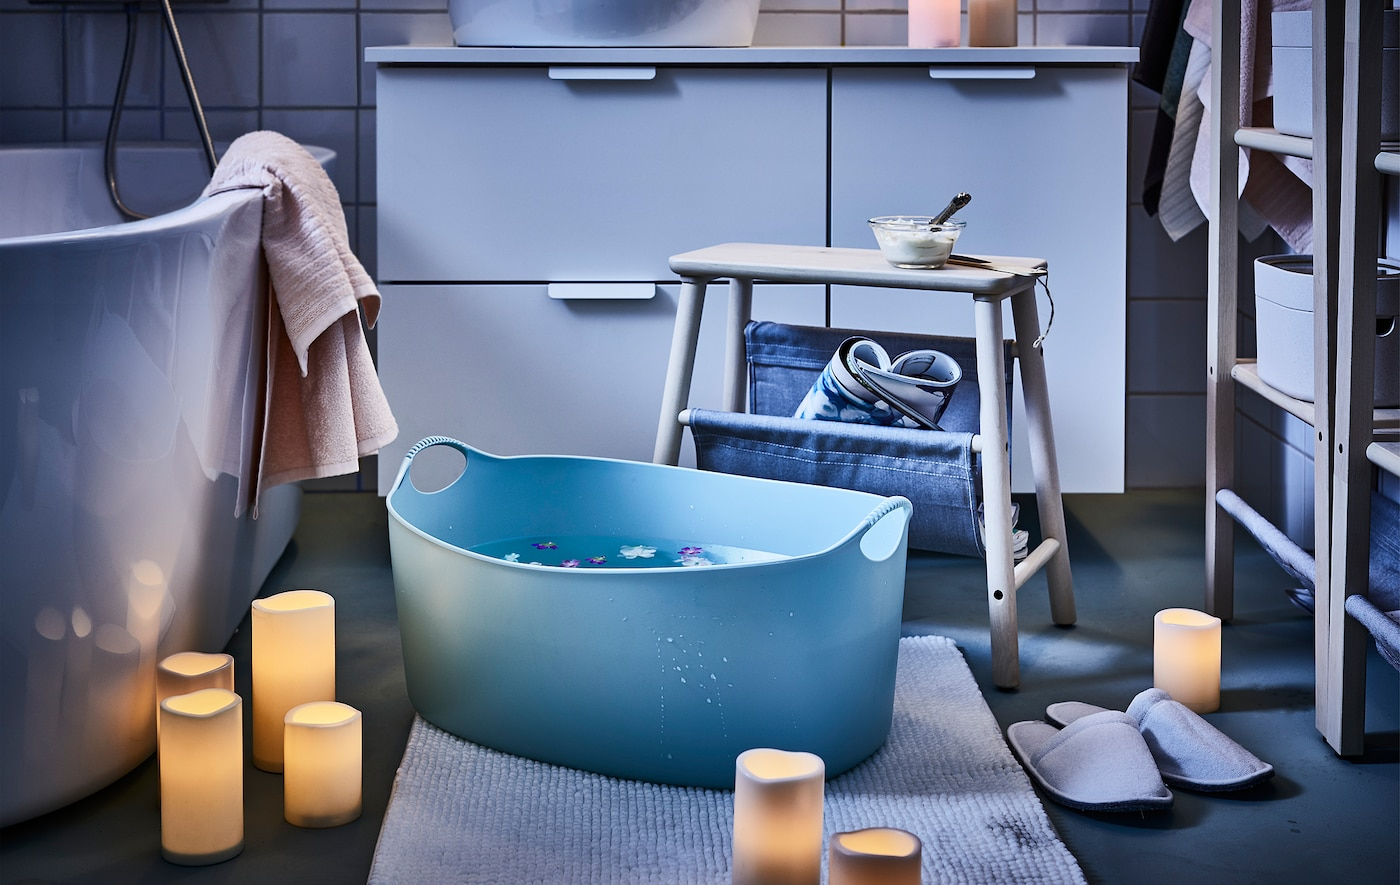 零散摆放的LED阔型烛为浴室提供了情调照明;凳子旁是一个漂浮着花朵的脚盆。